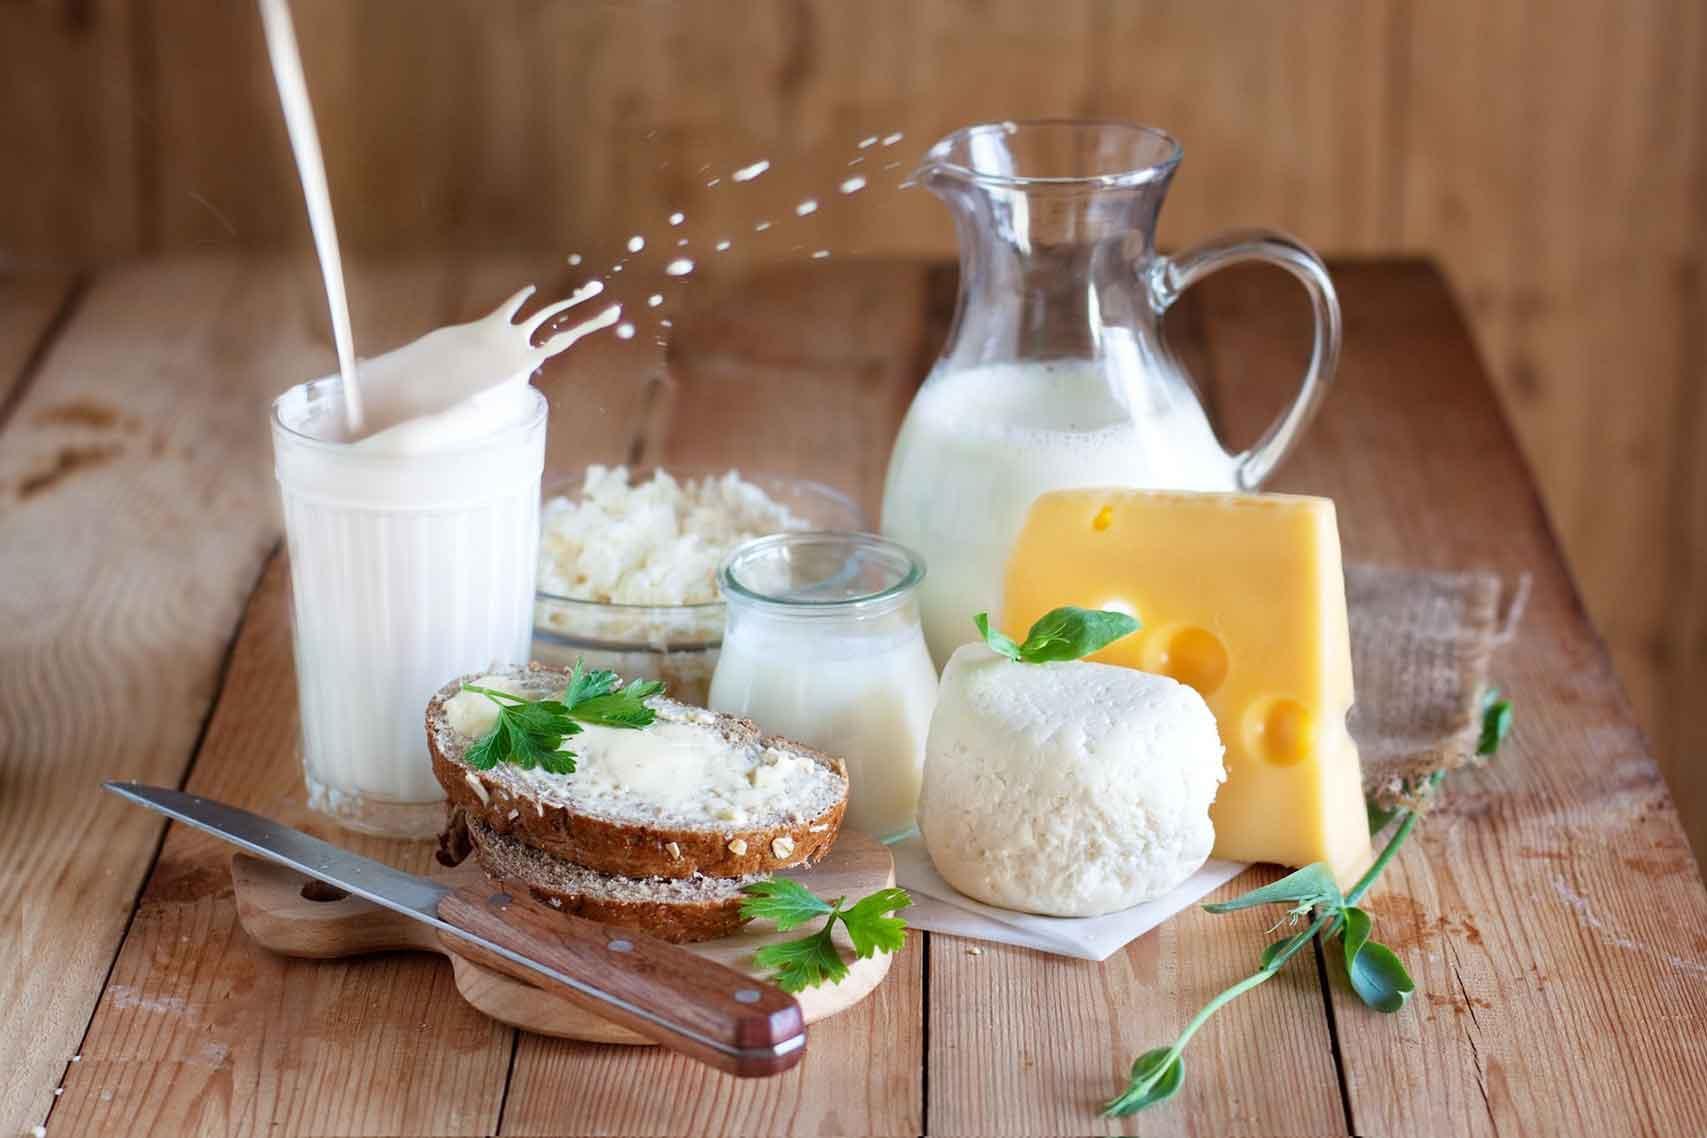 Groupe de produits laitiers et éclaboussures de lait